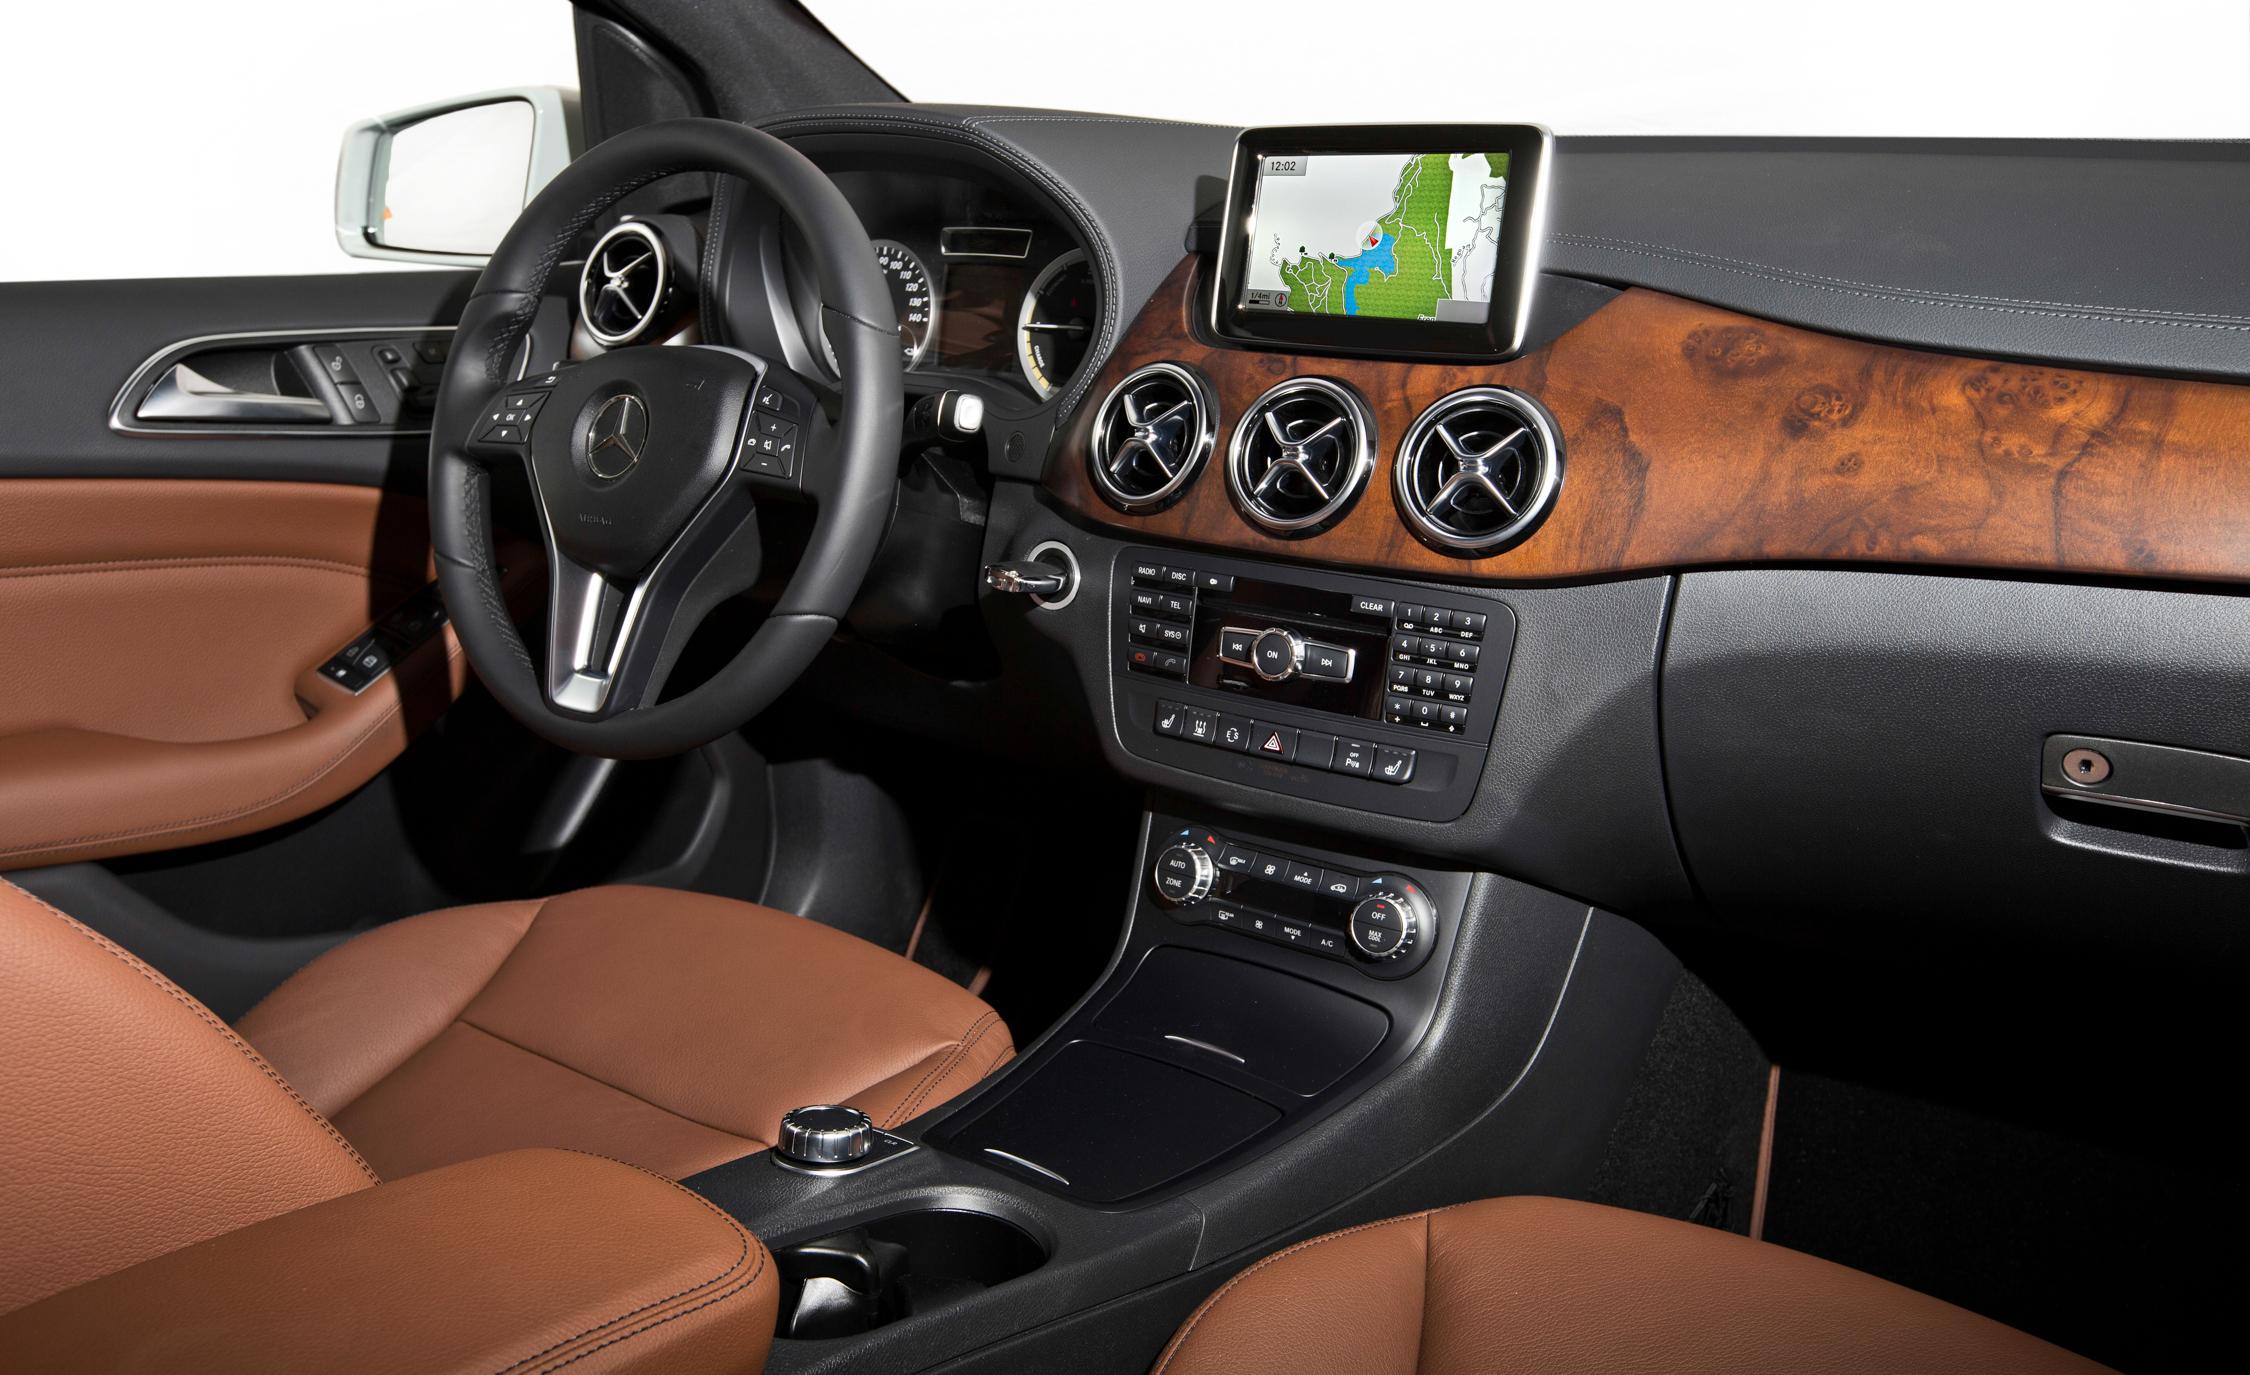 2014 Mercedes-Benz B-class Electric Drive Interior Cockpit